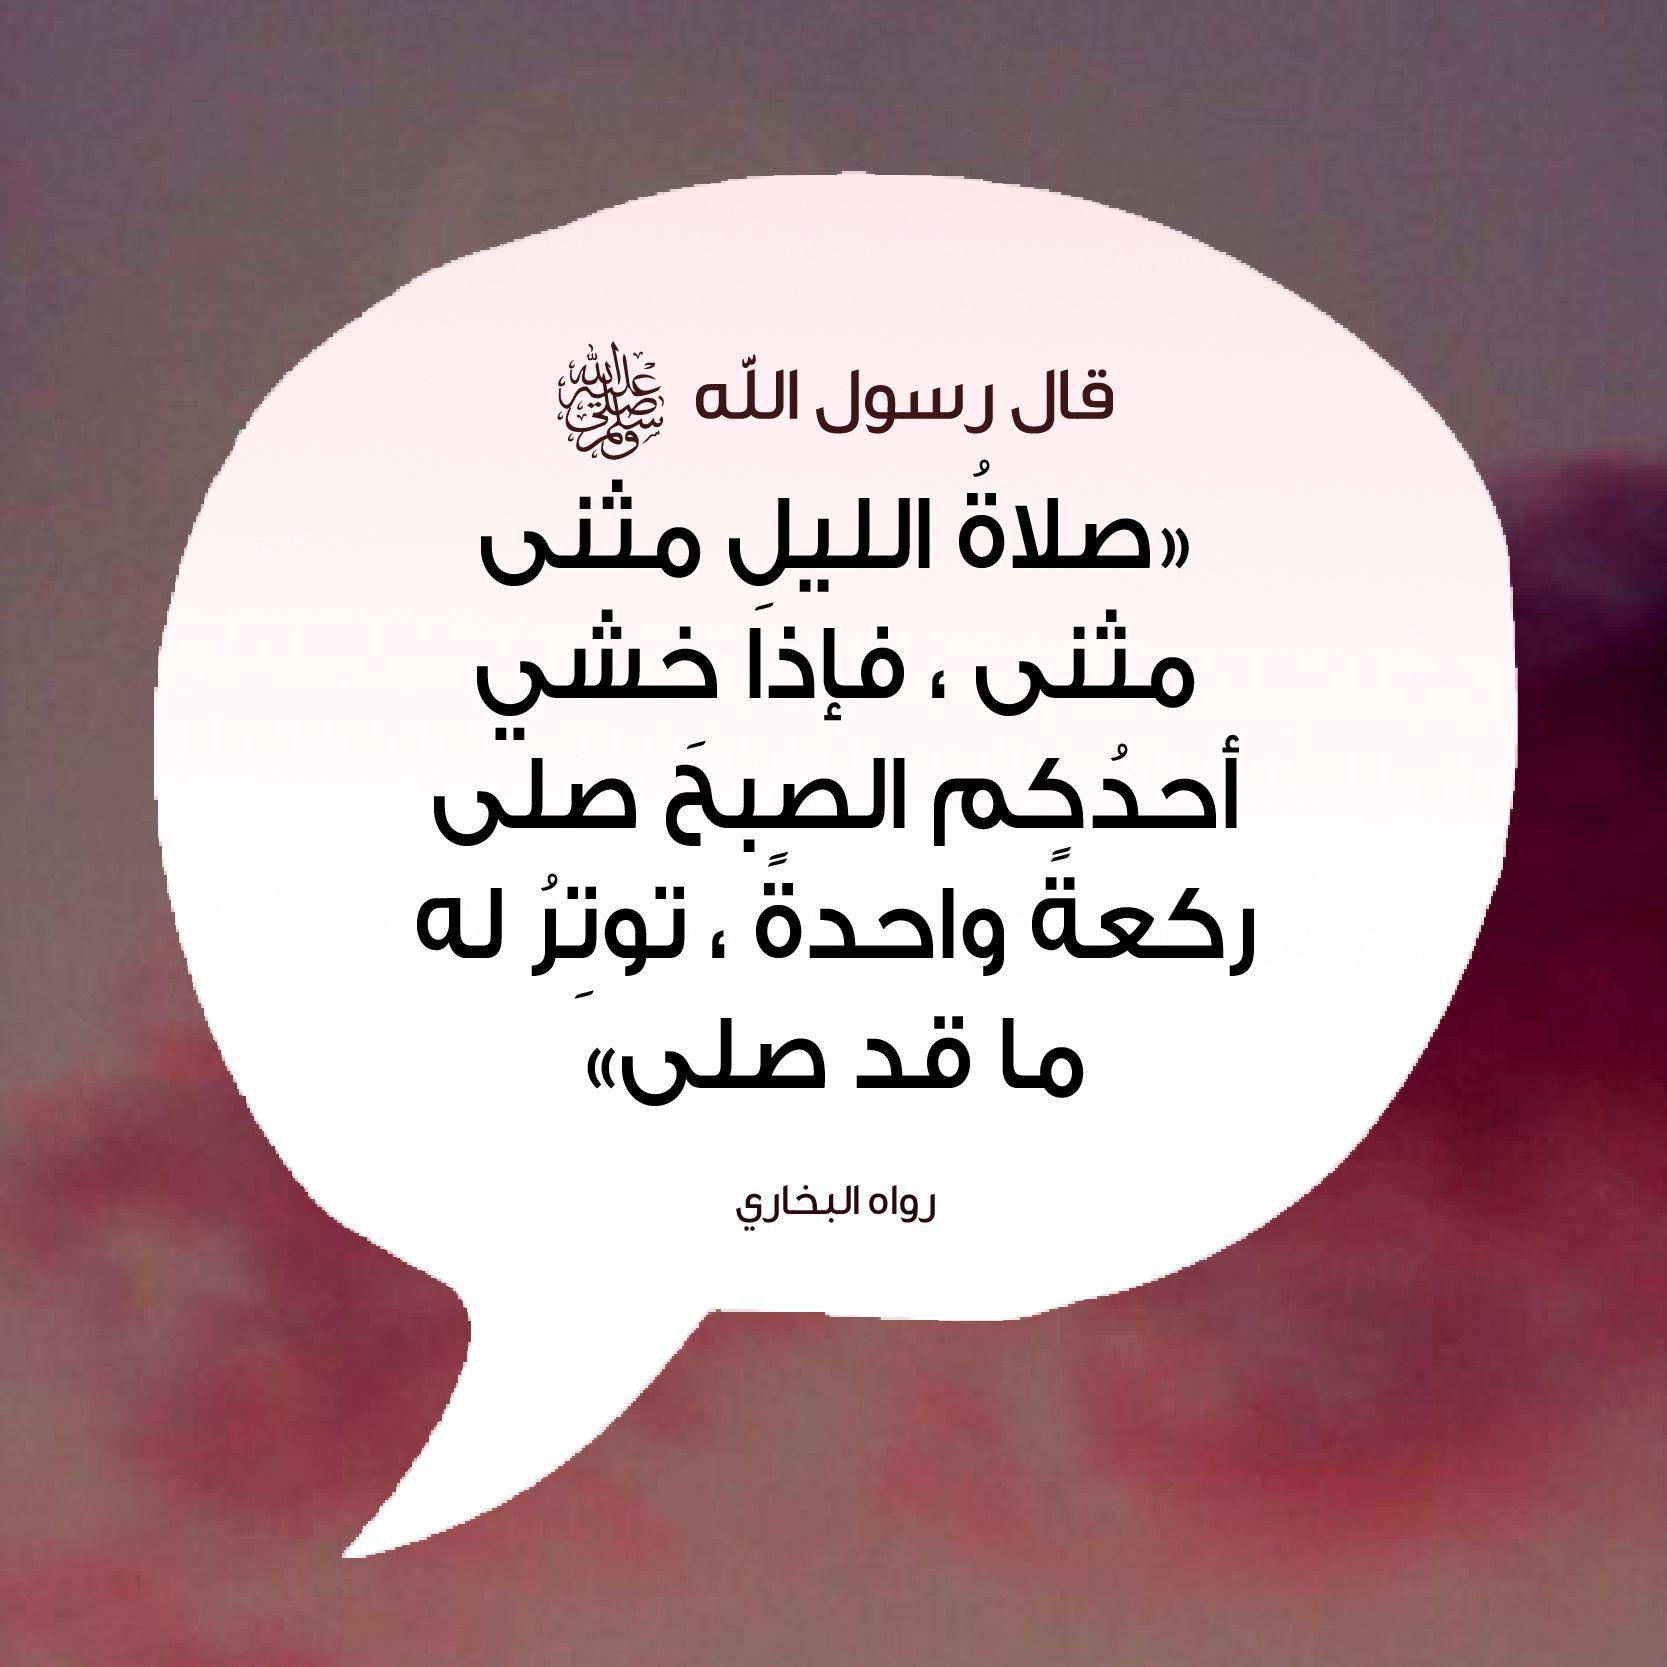 عن عبدالله بن عمر رضي الله عنهما أن رجلا سأل رسول الله ﷺ عن صلاة الليل فقال رسول الله عليه السلام صلاة الليل مثنى مثنى فإذا خشي أحد كم ال